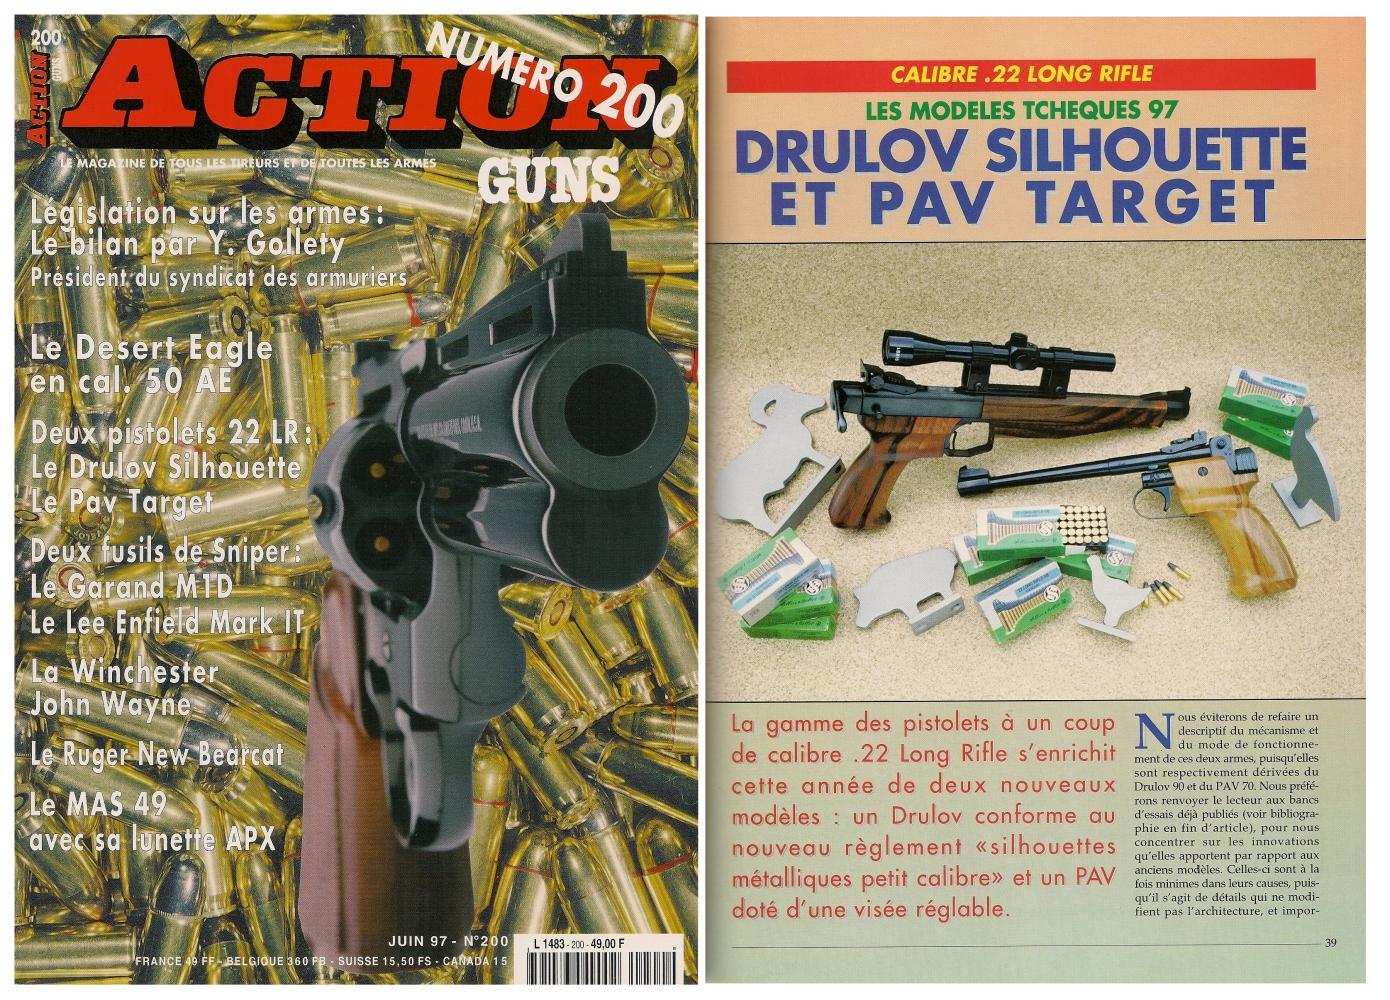 Le banc d'essai des pistolets Drulov « Silhouette » et PAV « Target » a été publié sur 5 pages dans le magazine Action Guns n°200 (juin 1997).